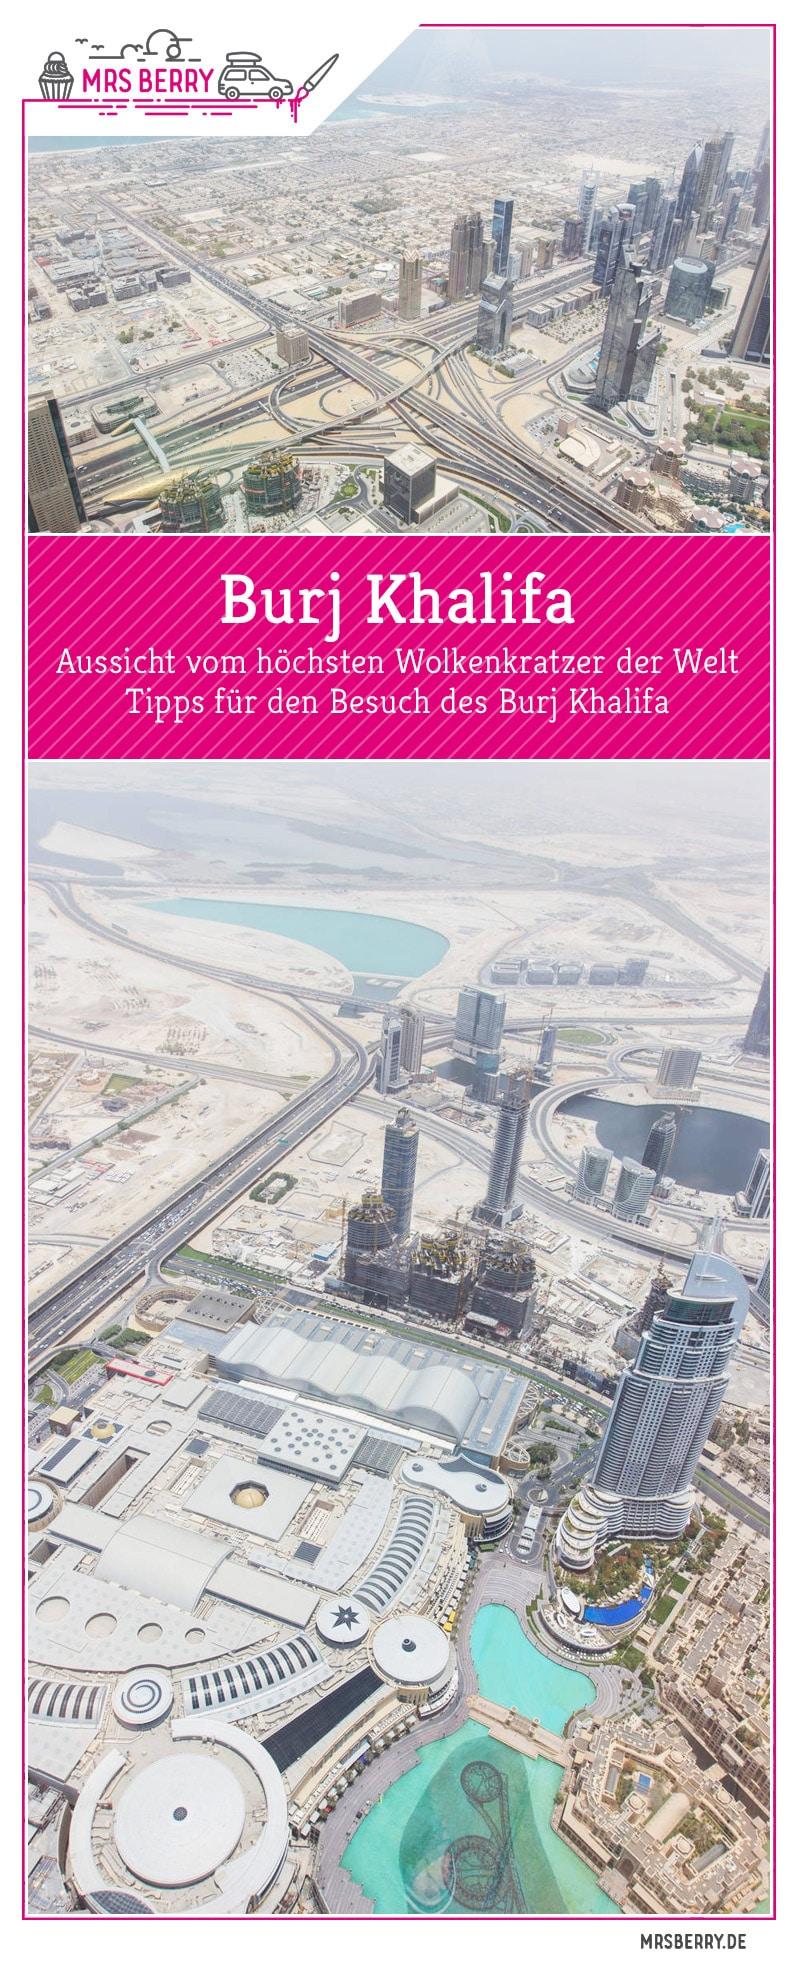 Burj Khalifa At The Top - Besuch der höchsten Aussichtsplattform der Welt - Tickets & Tipps für deinen Besuch